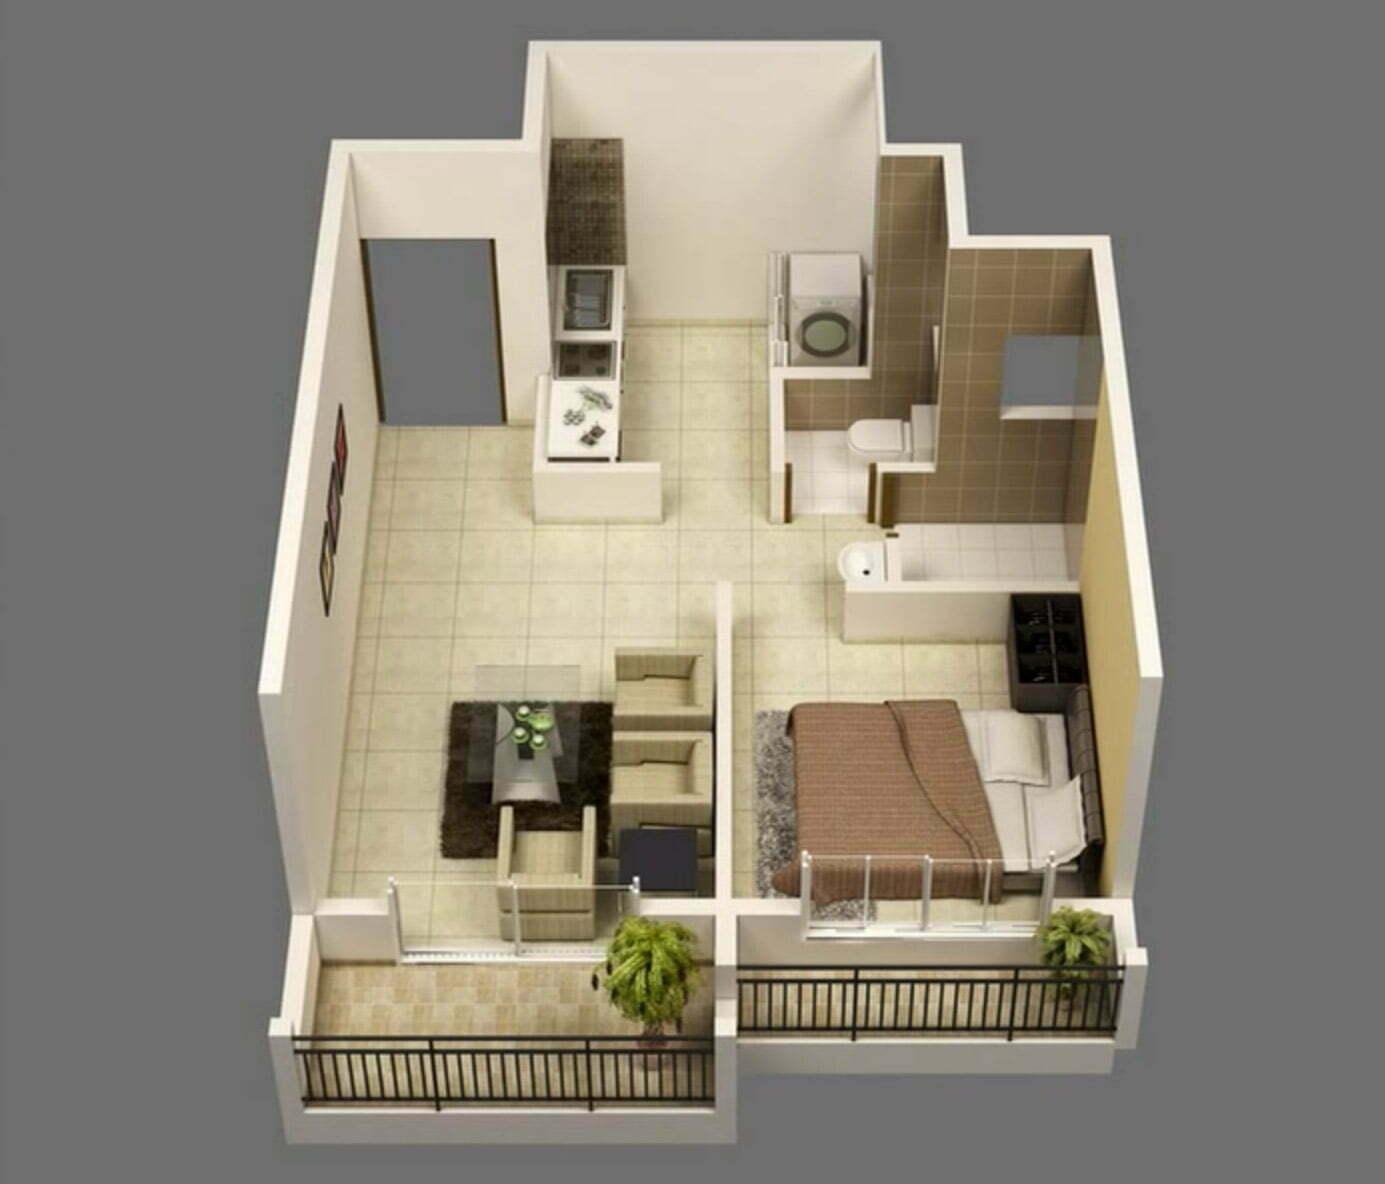 Bán căn hộ New City 1 phòng ngủ